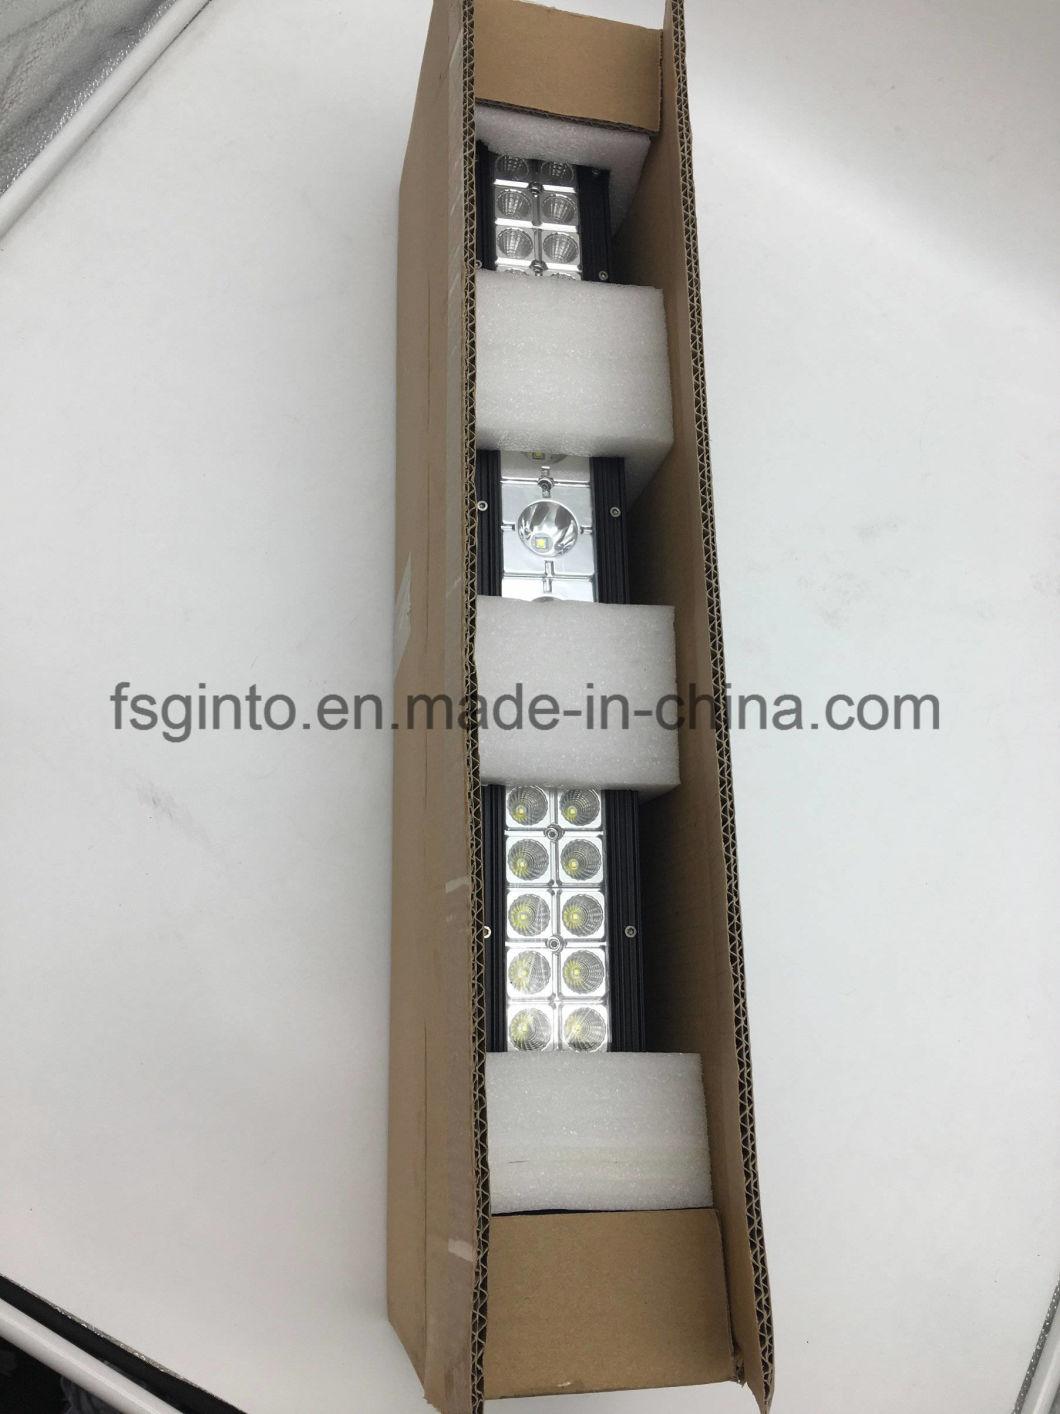 10-30V Waterproof off Road Curved LED Light Bar for Pickup